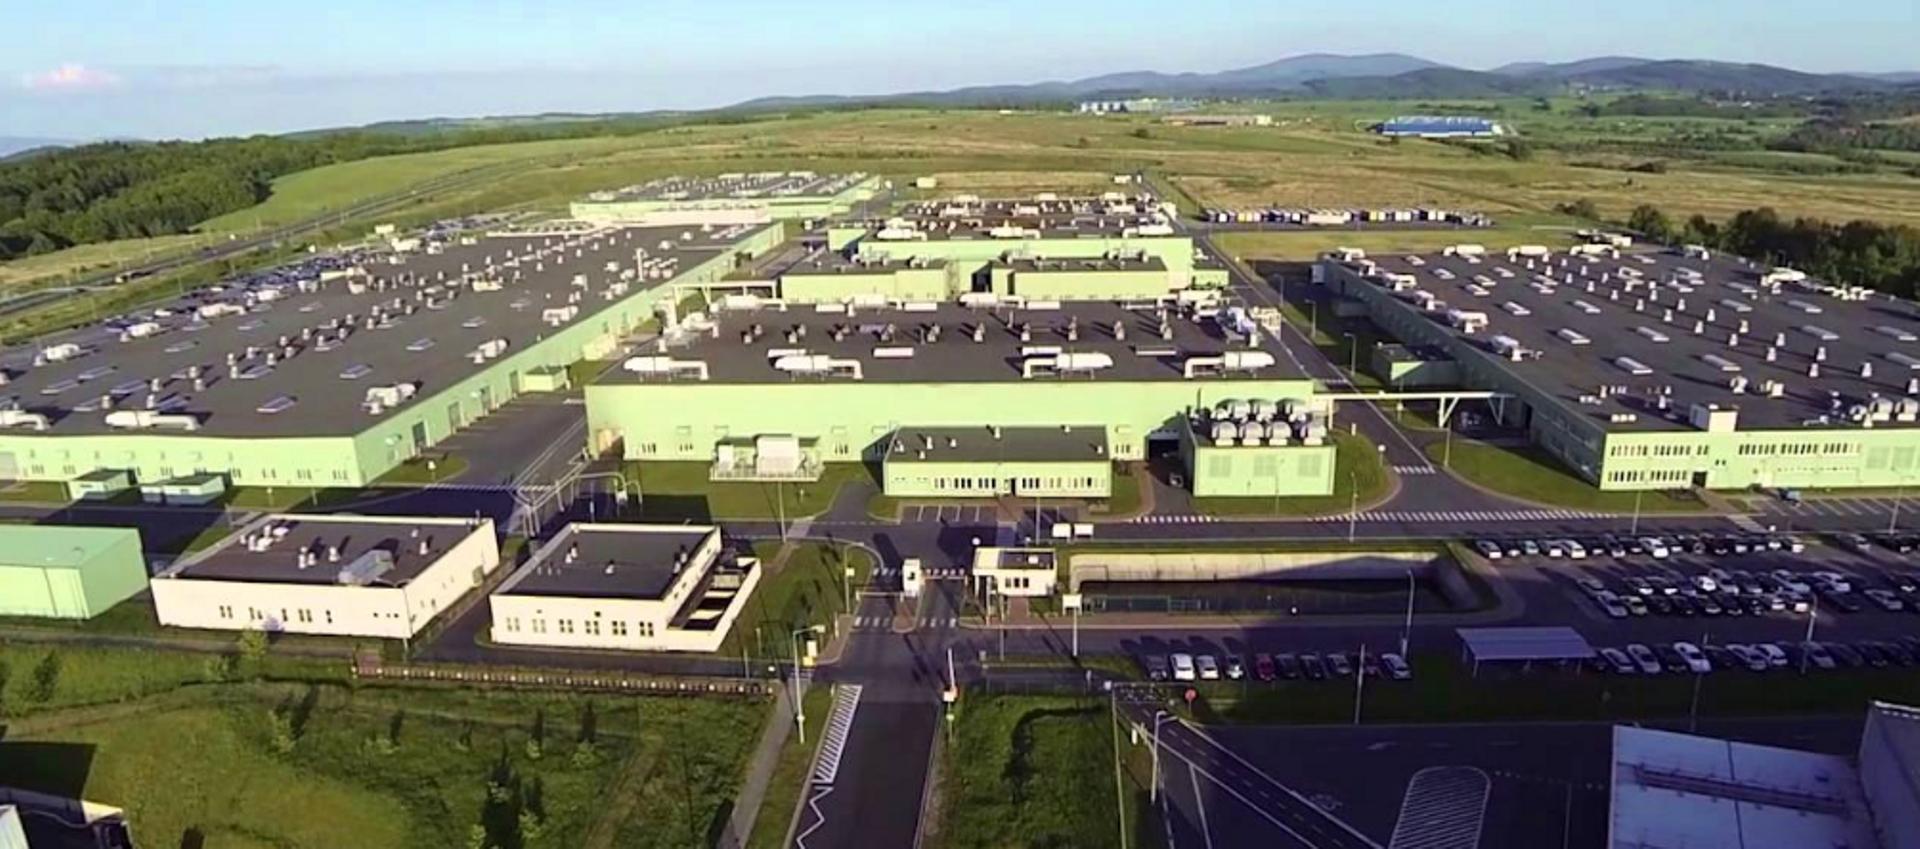 [dolnośląskie] Rusza rekrutacja nowych pracowników do fabryki japońskiej Toyoty w Wałbrzychu